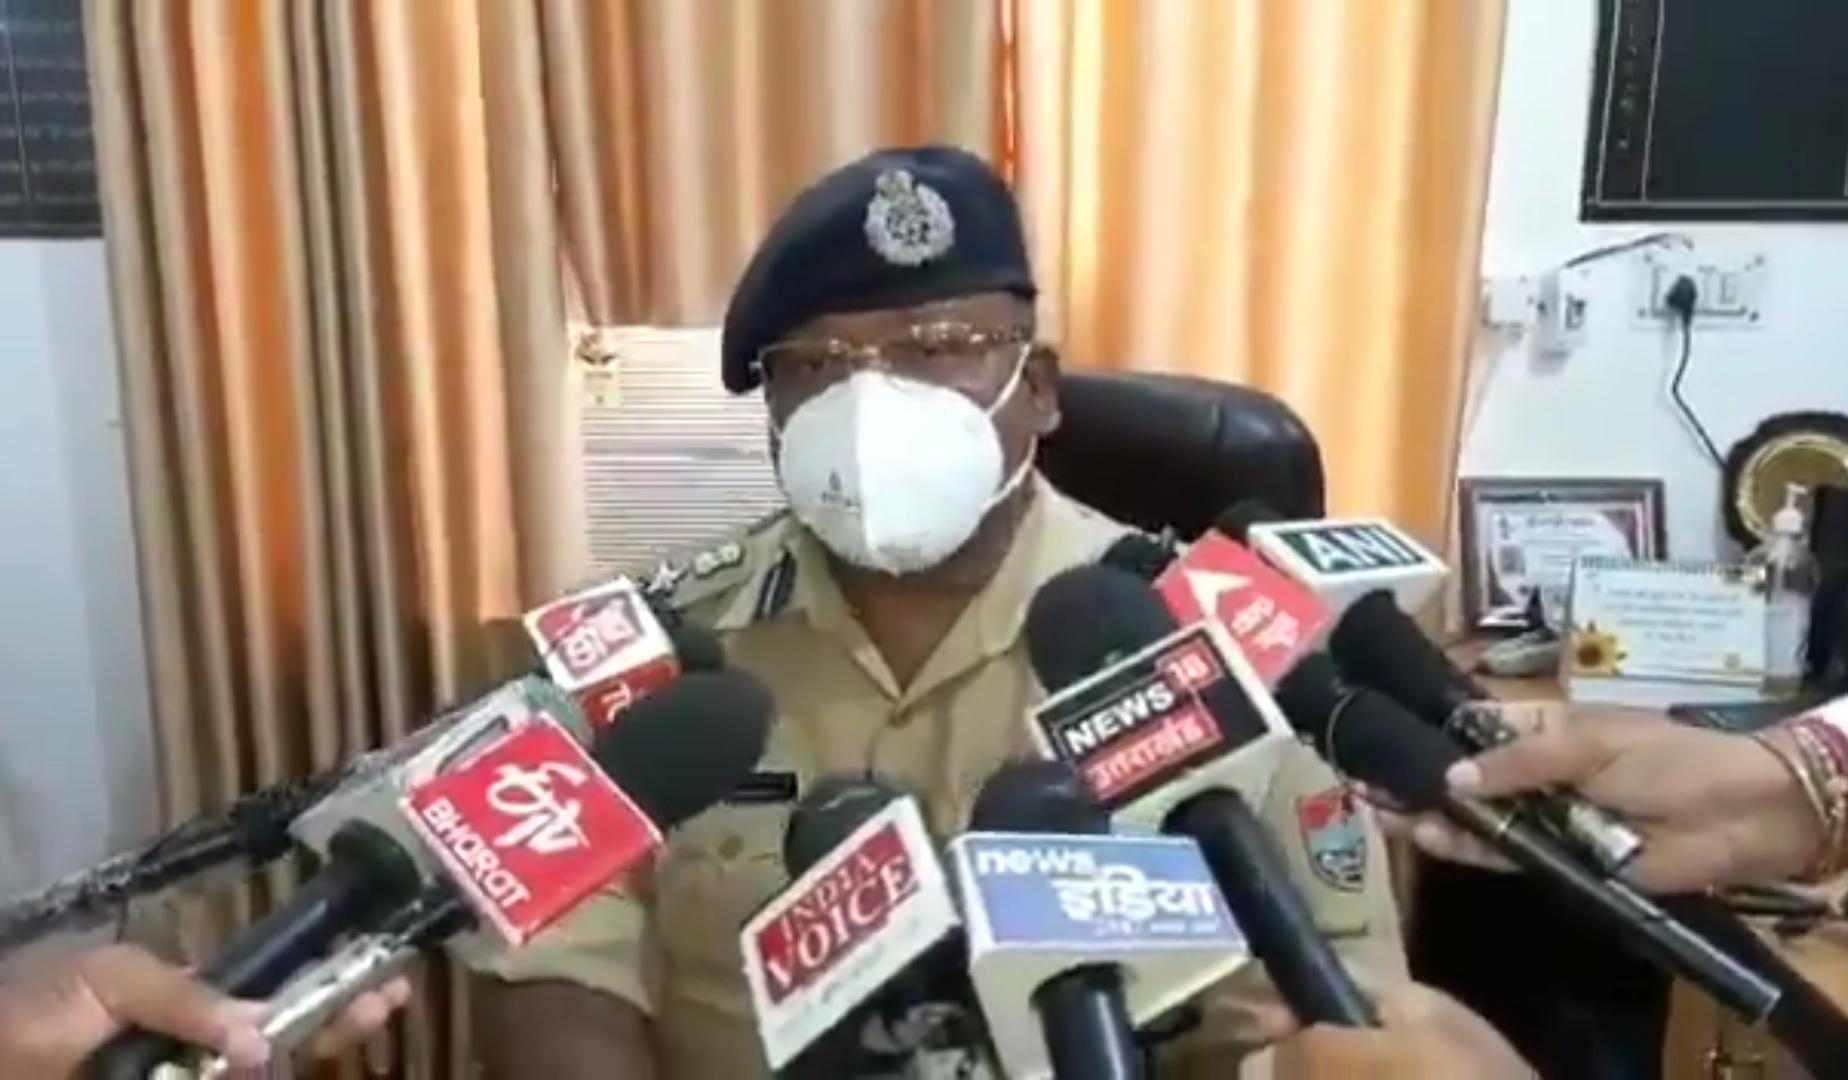 वंदना कटारिया के घर हुए हंगामे में पुलिस कार्रवाई के बारे में SSP ने बताया।